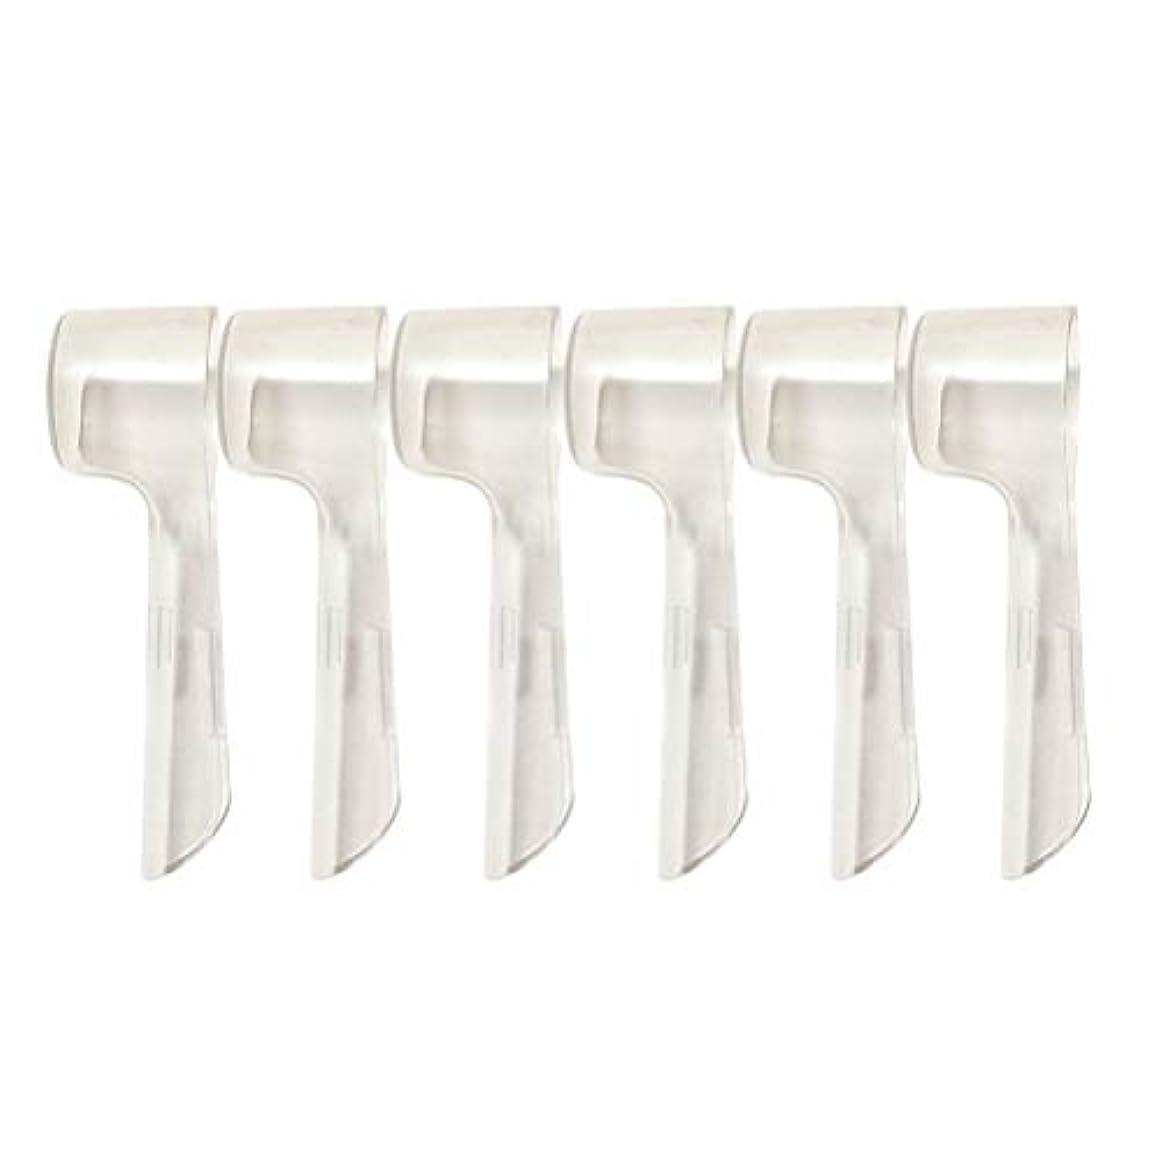 受粉する冒険家不機嫌そうなHealifty 電動歯ブラシヘッド 保護カバー 旅行 キャップ 日常の使用で細菌をほこりから守る 10ピース